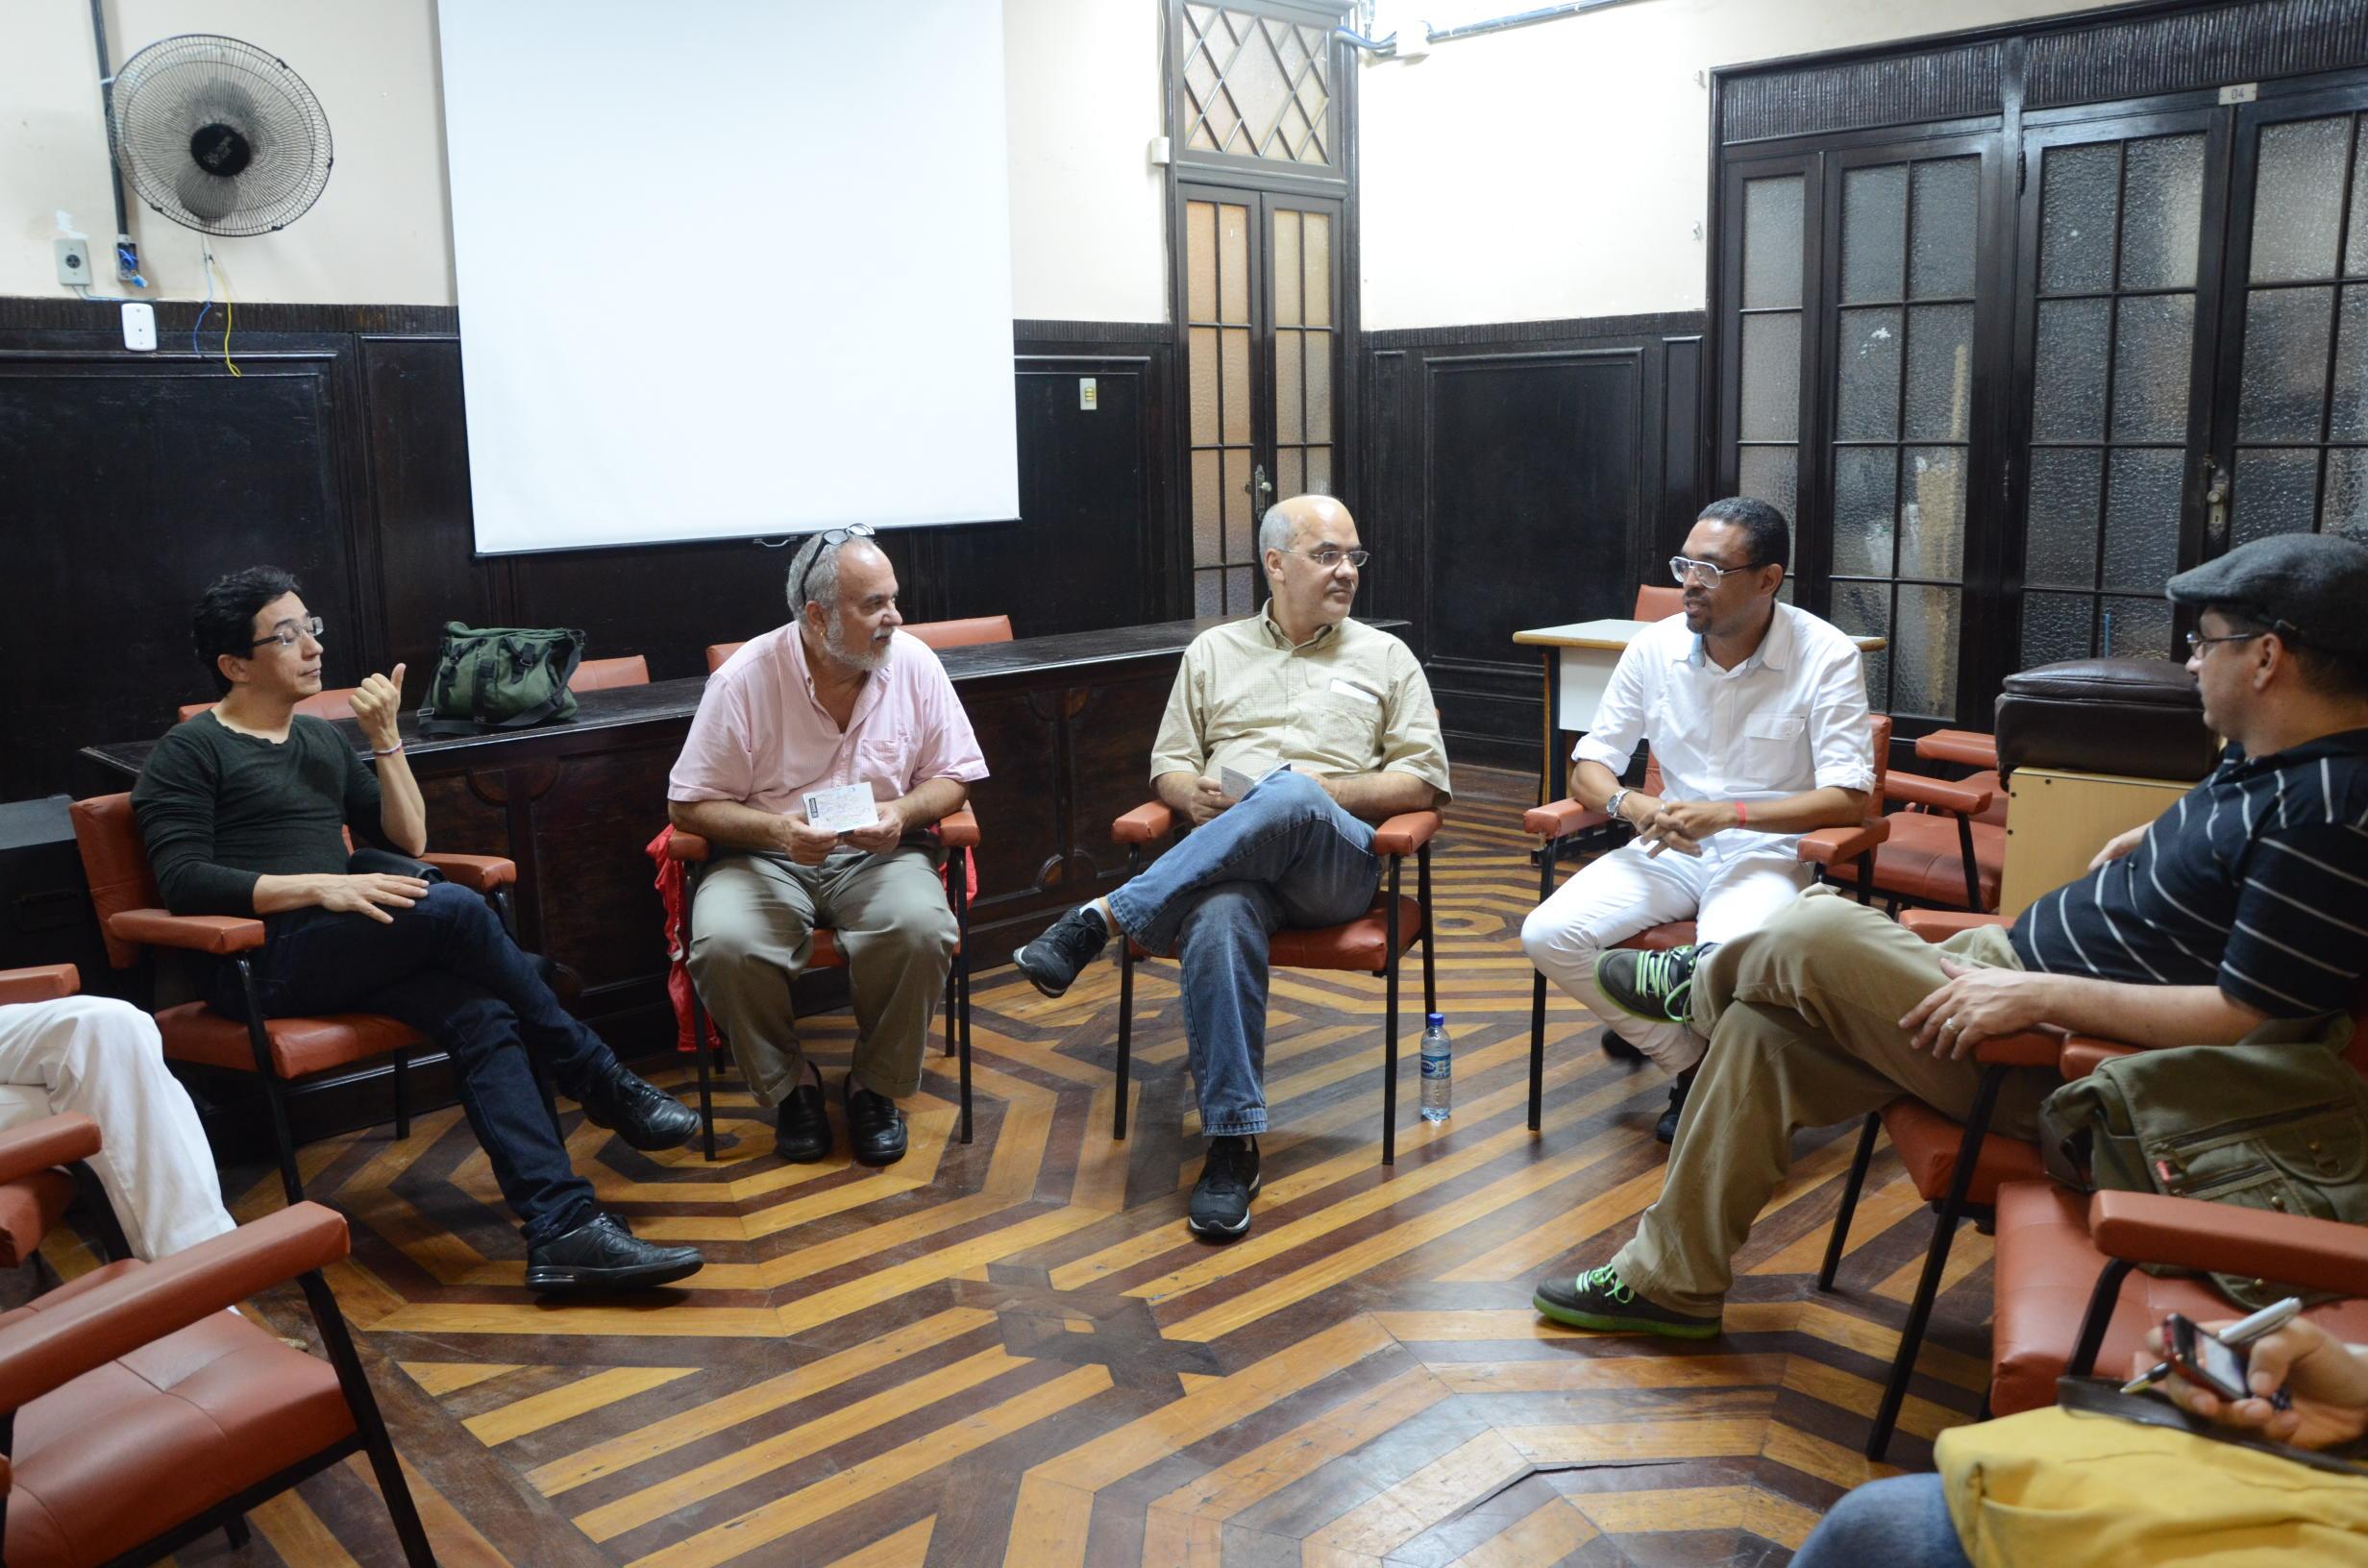 Da esquerda para a direita: Marcus Vinícius Rodrigues, Luiz Mott, Luís Antônio Cajazeira Ramos e Marielson Carvalho.  Foto: Vanice da Mata